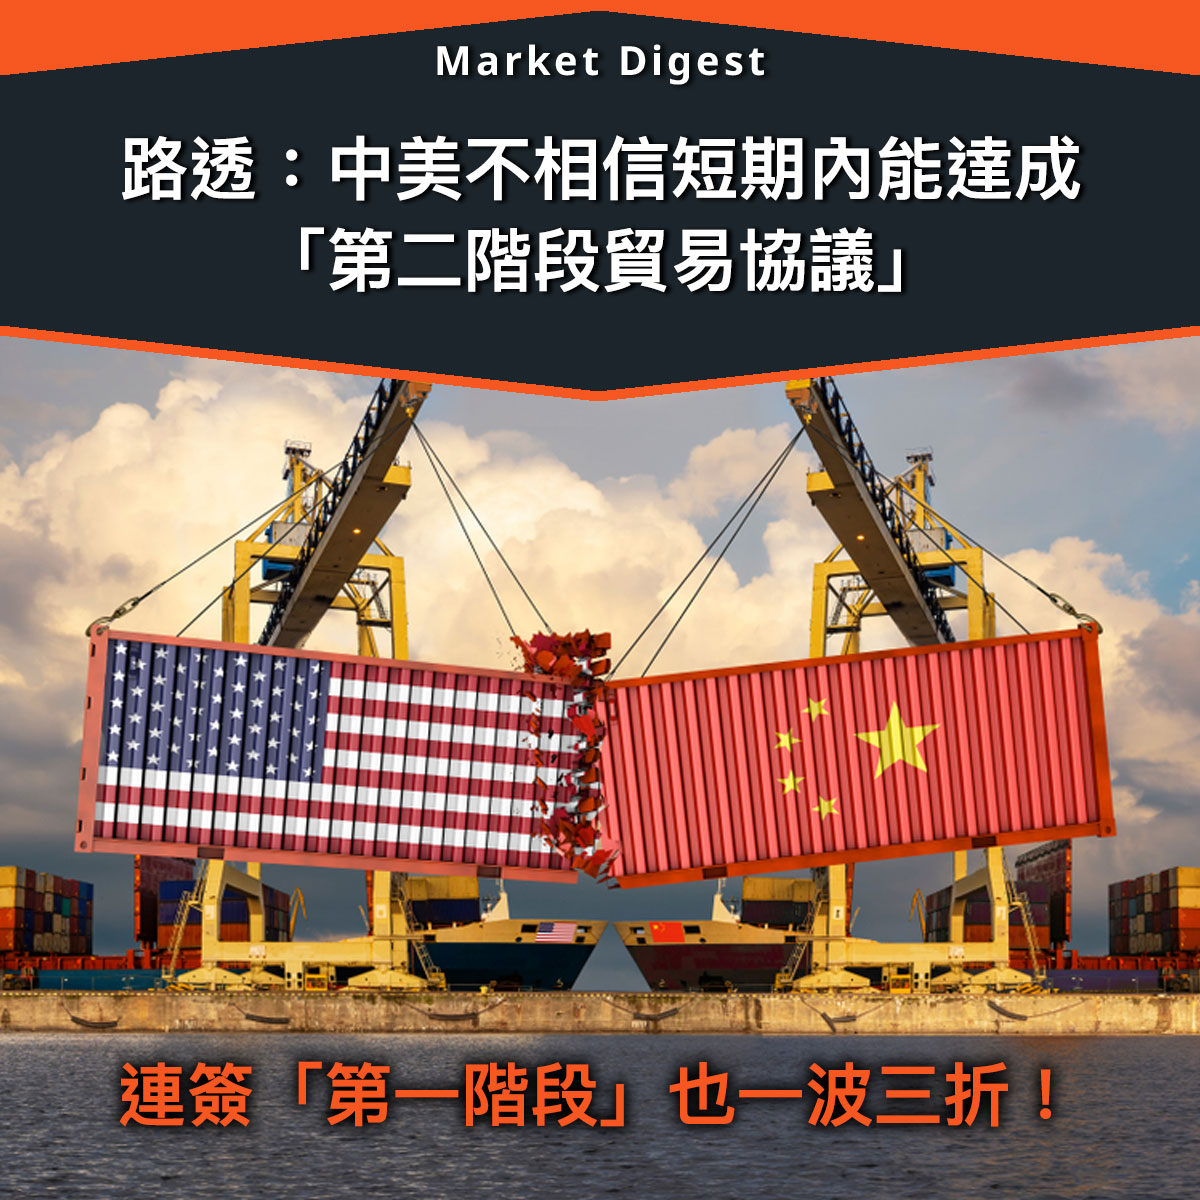 【中美貿易戰】路透:中美不相信短期內能達成 「第二階段貿易協議」